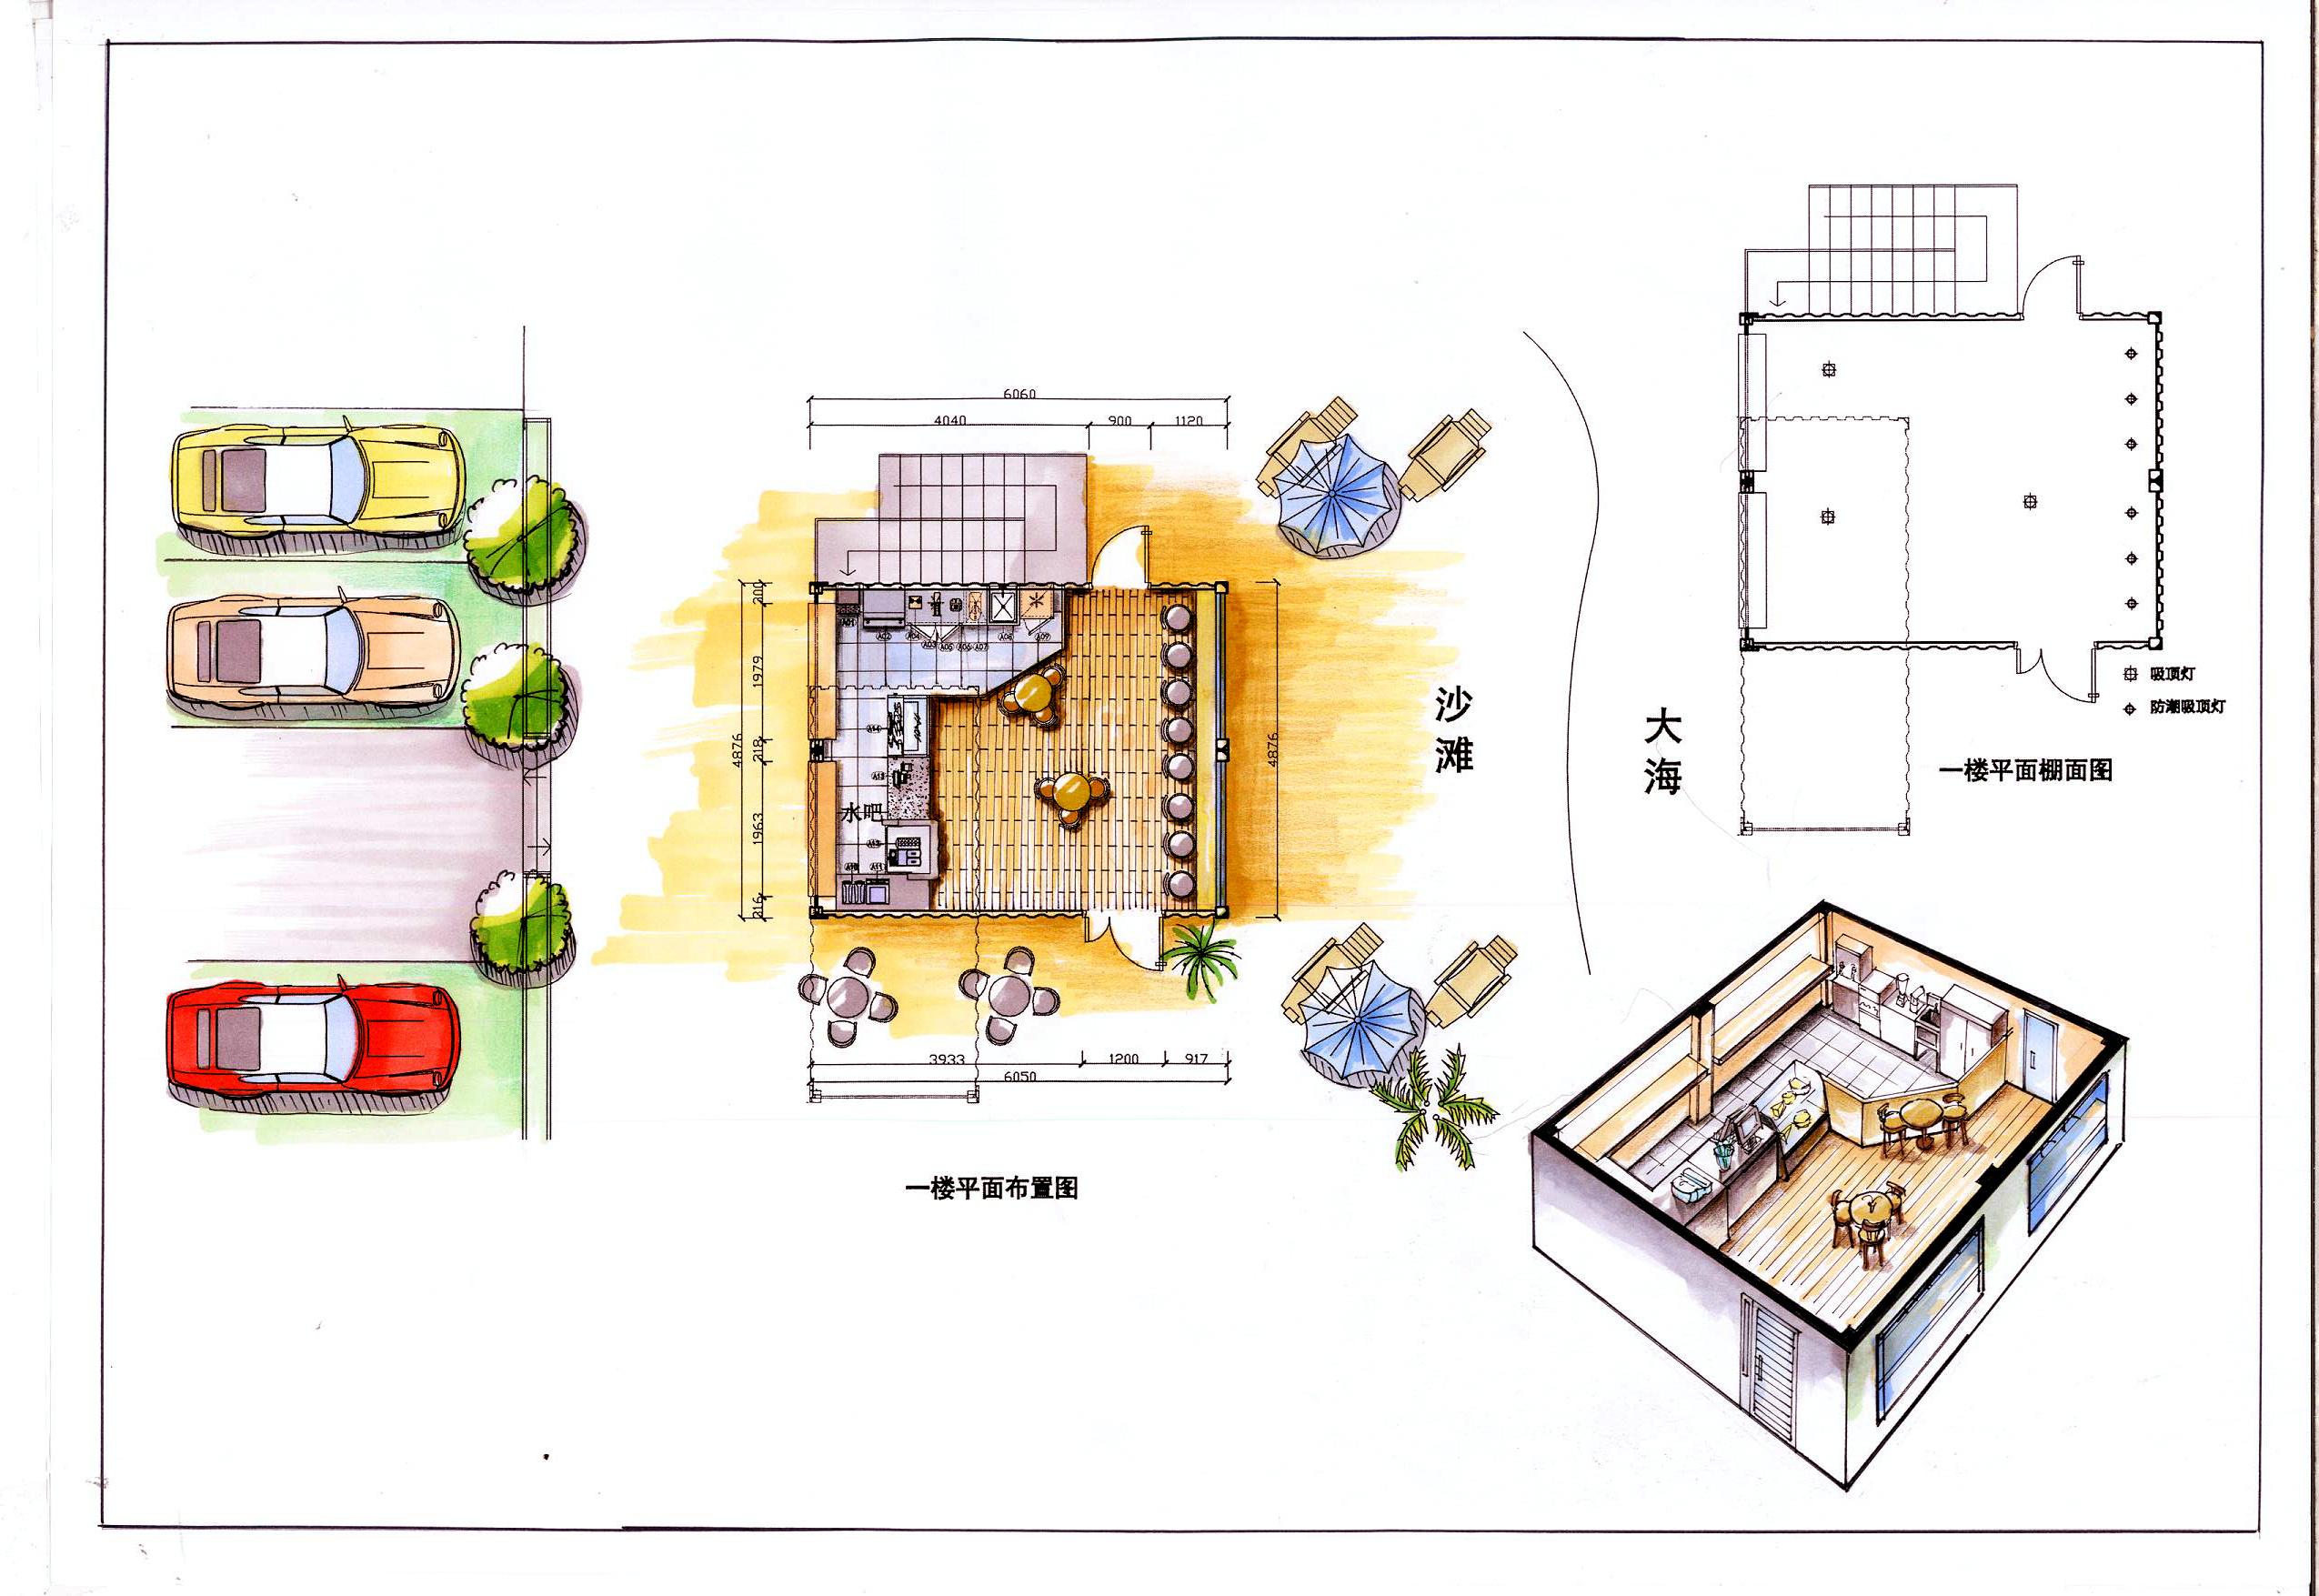 手绘集装箱水吧设计|空间|展示设计 |启程小鸽子